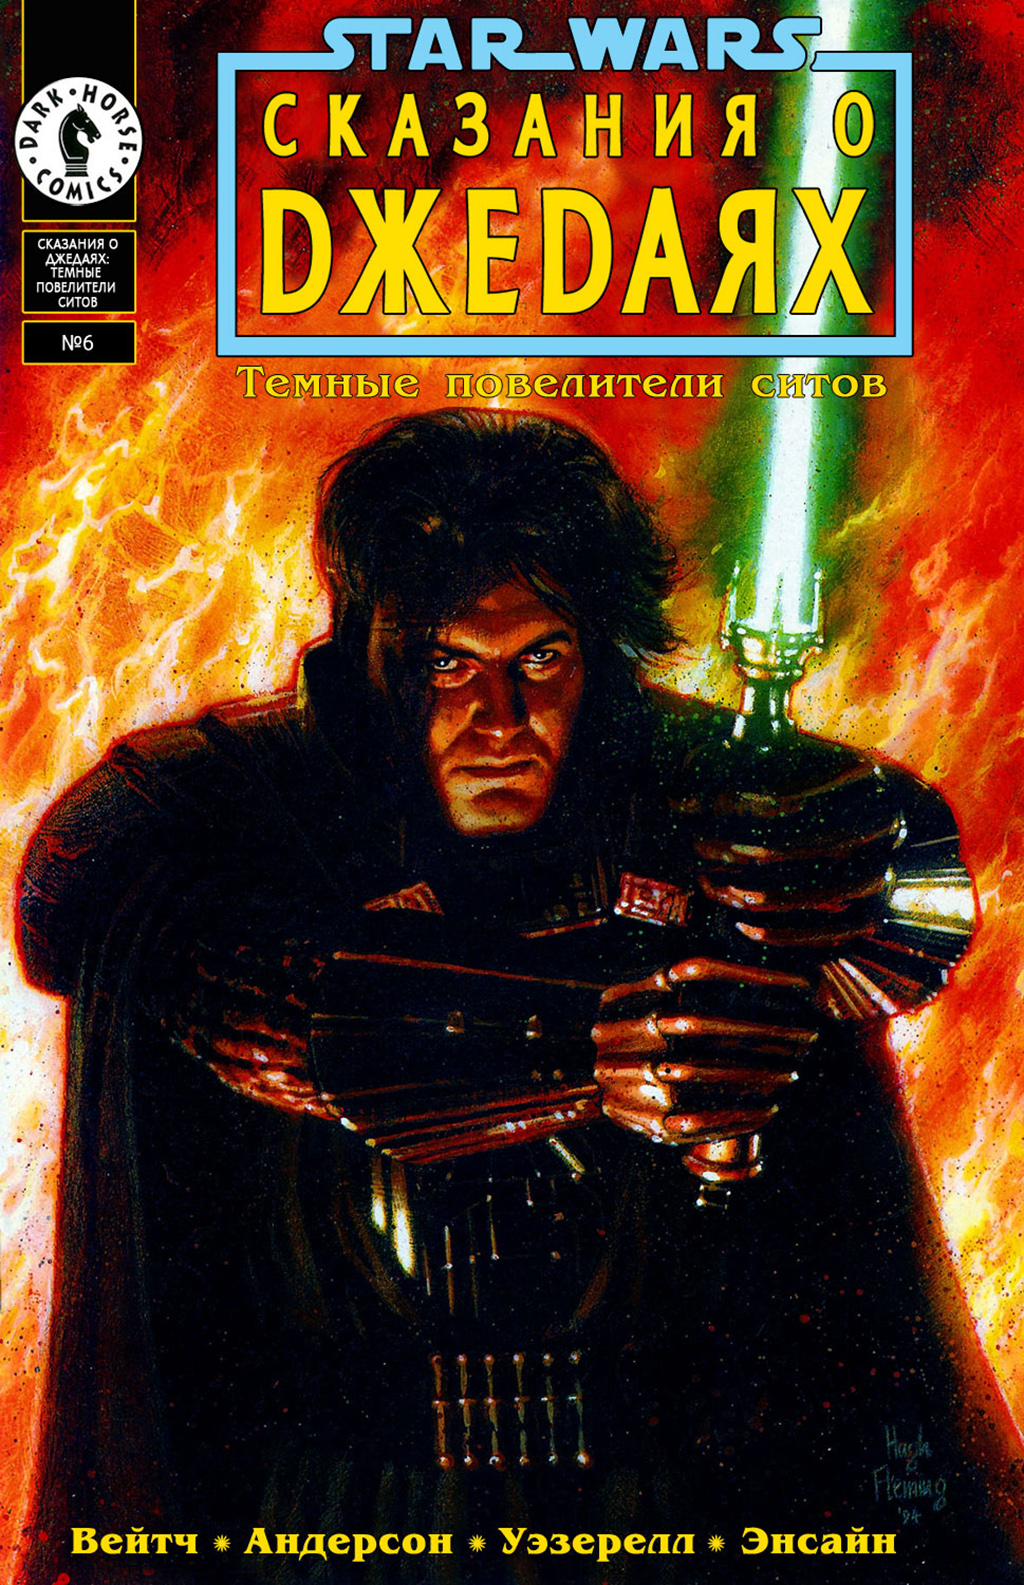 Комикс Звездные Войны - Сказания о Джедаях: Темные Повелители Ситов